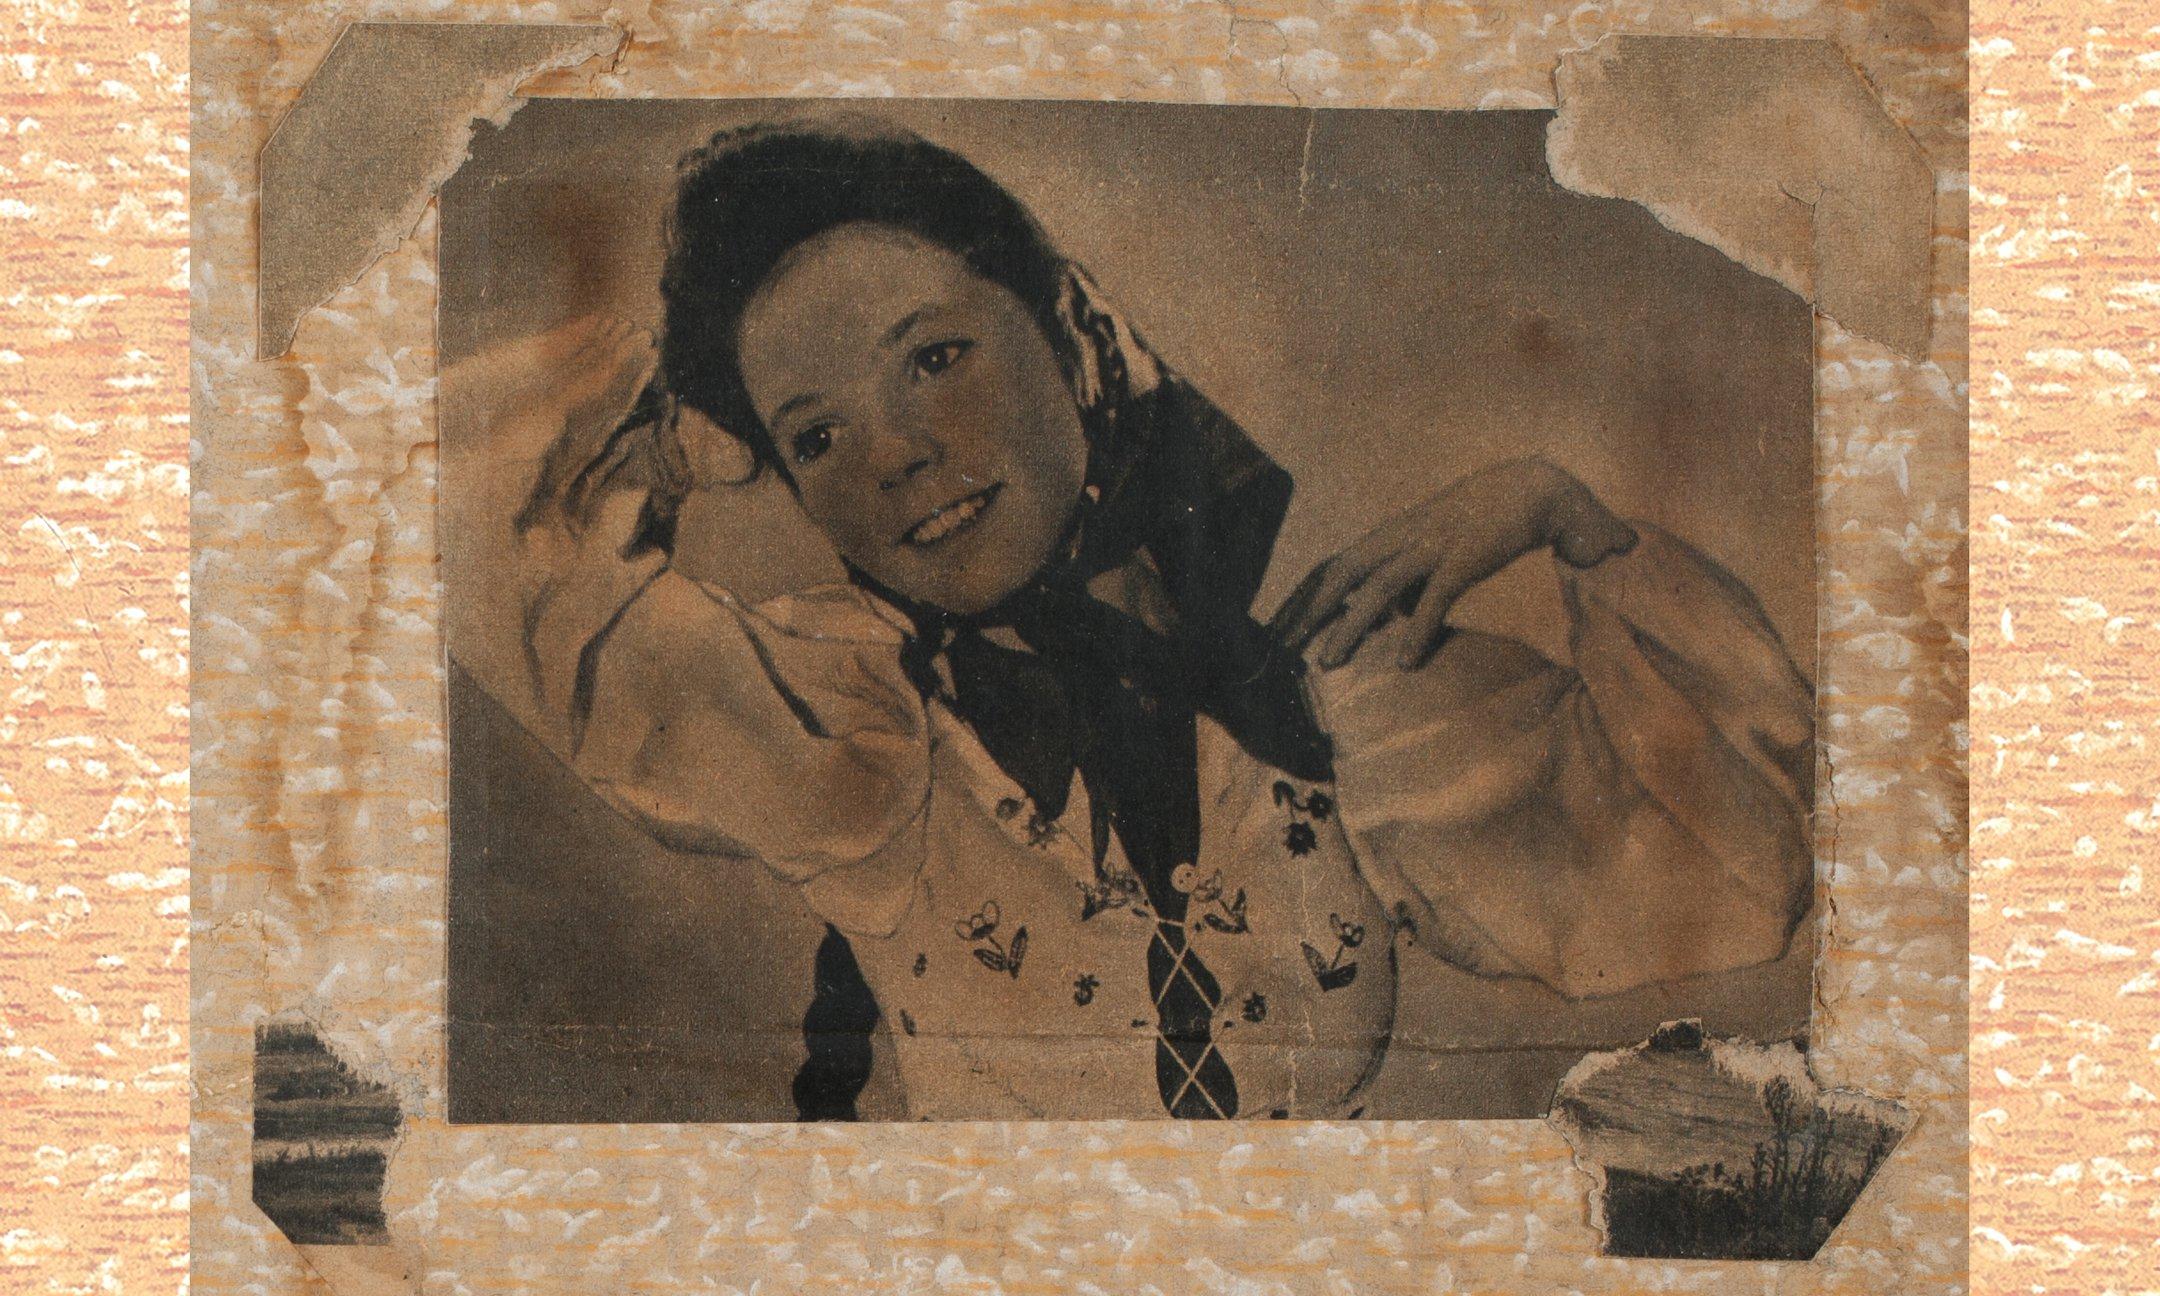 Een foto van Joyce van der Veen uit de Libelle van 3 oktober 1941. Joyce van der Veen is een talentvolle danseres en een buurtgenoot van Anne Frank op het Merwedeplein.